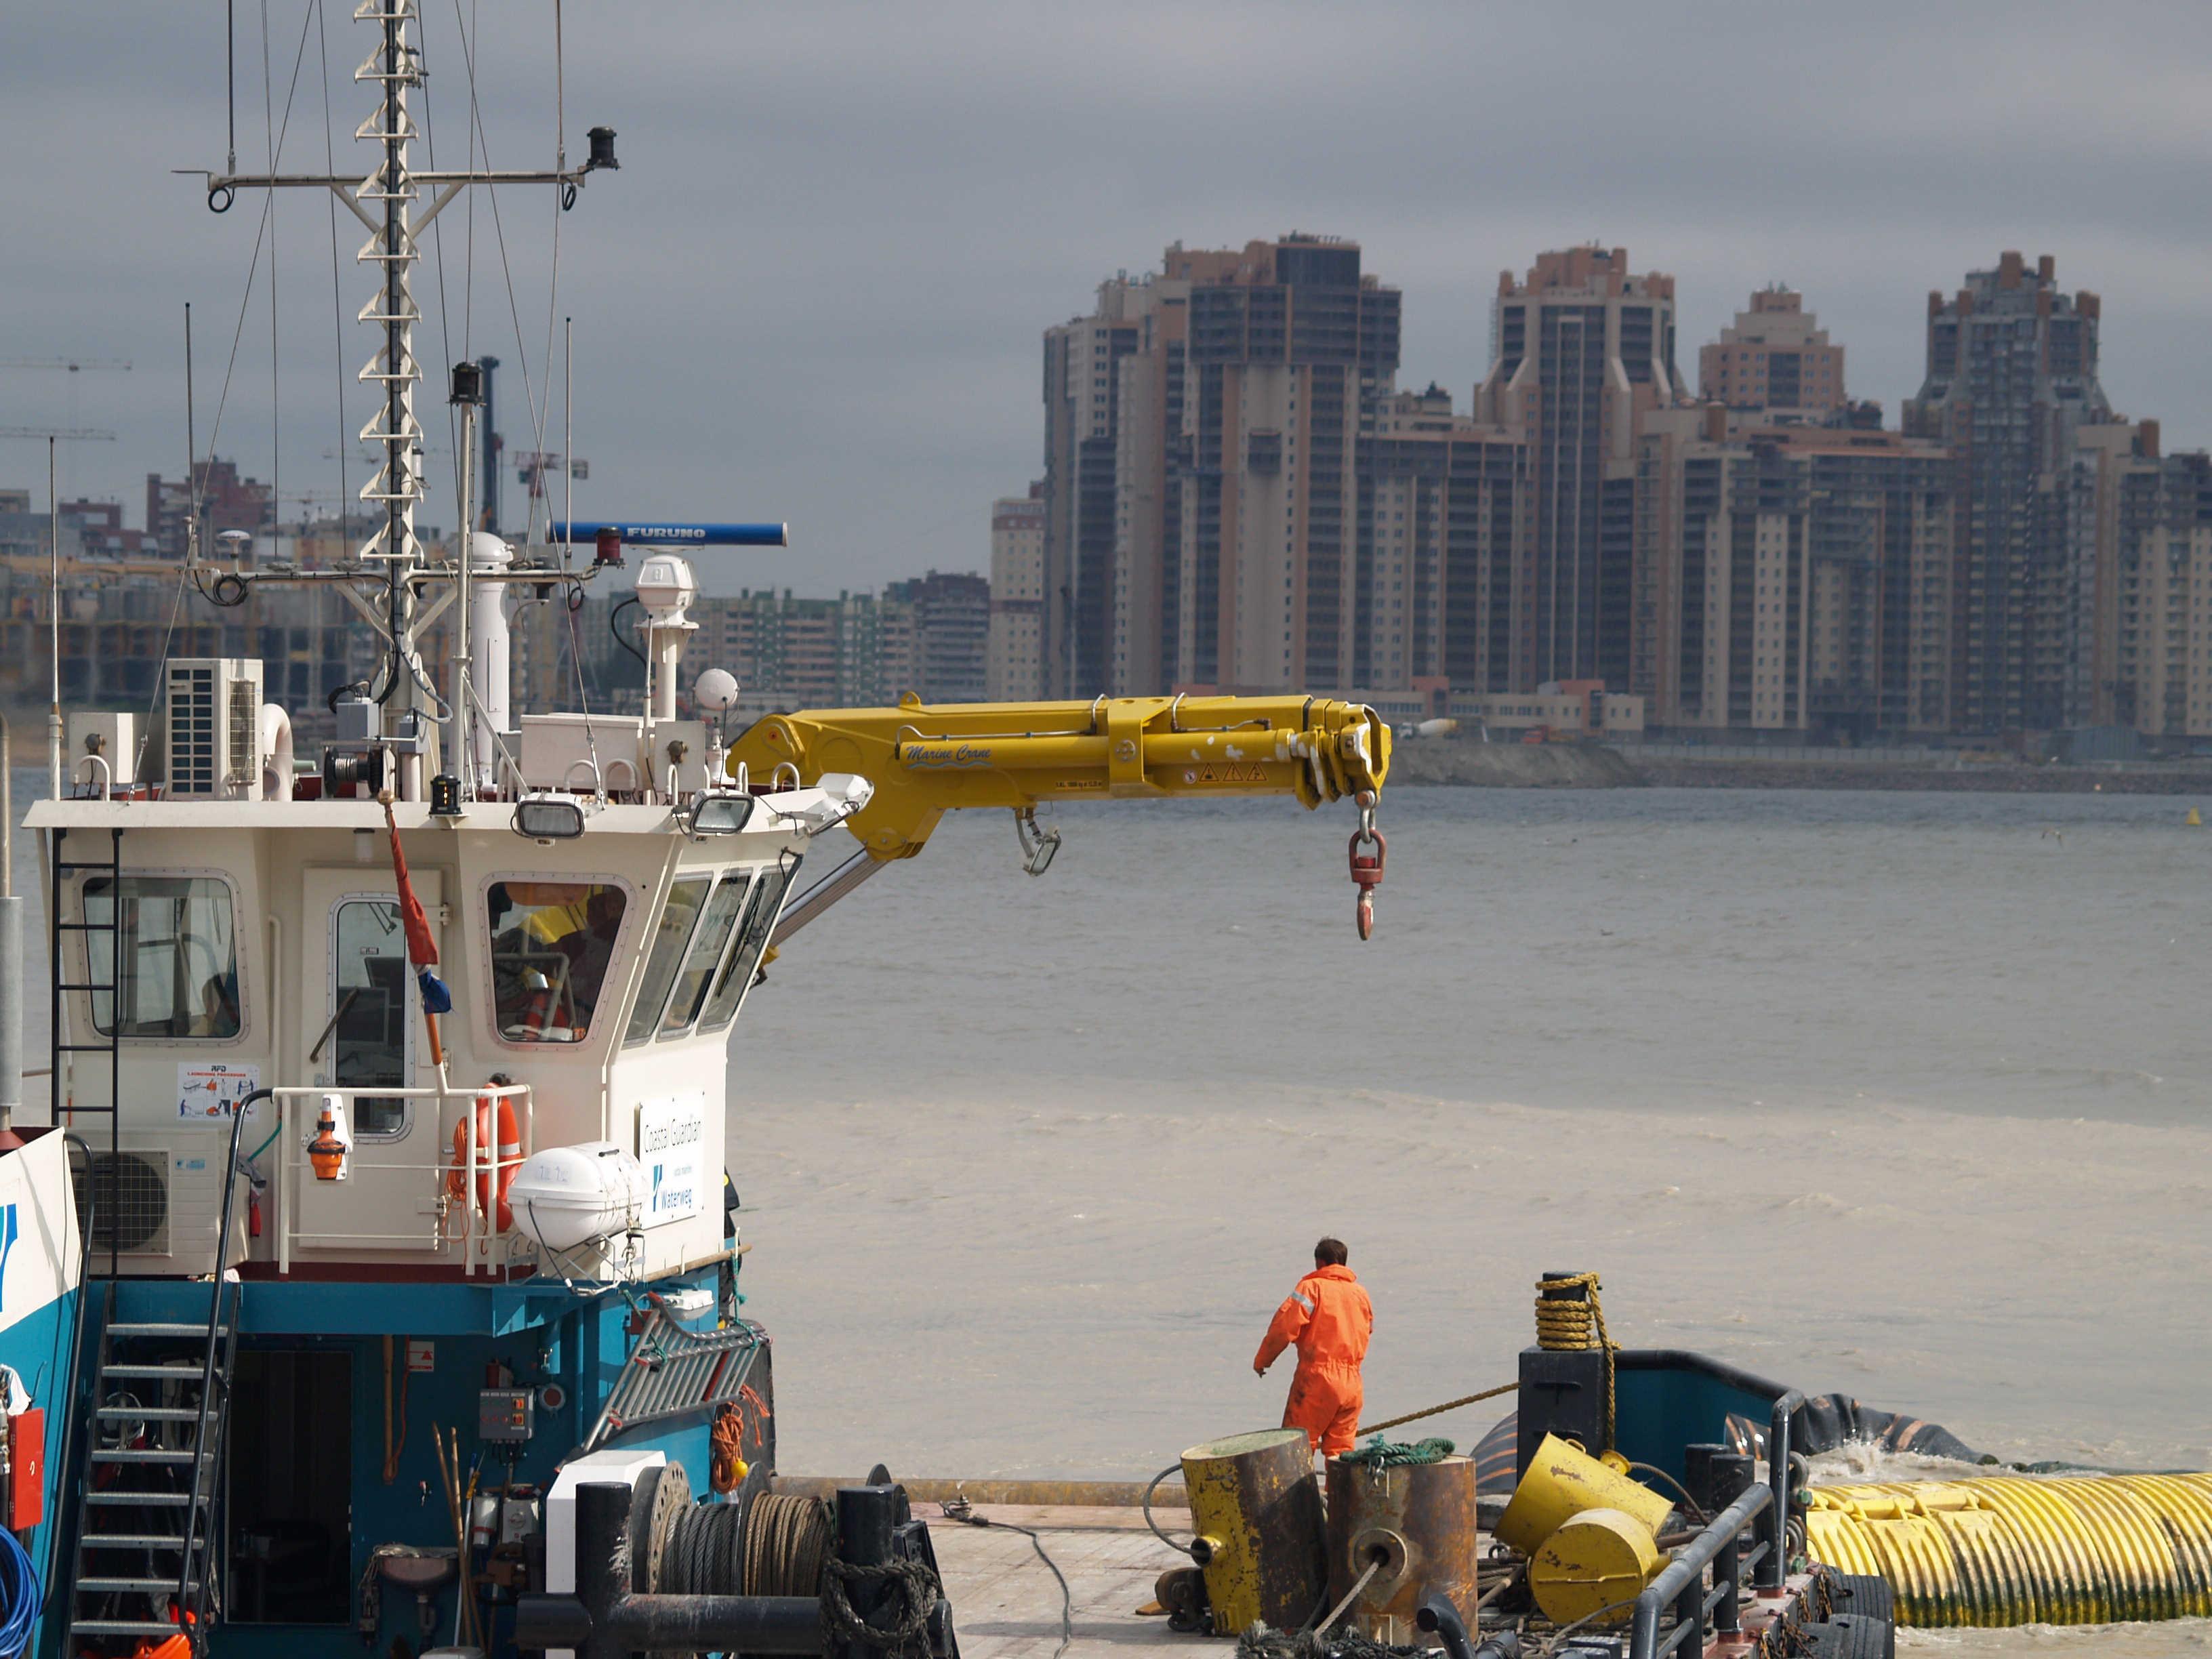 Acta Marine gaat in Den Helder in afgeslankte vorm verder: vijf banen verdwijnen, hoofdkantoor van reder verhuist naar Rotterdam